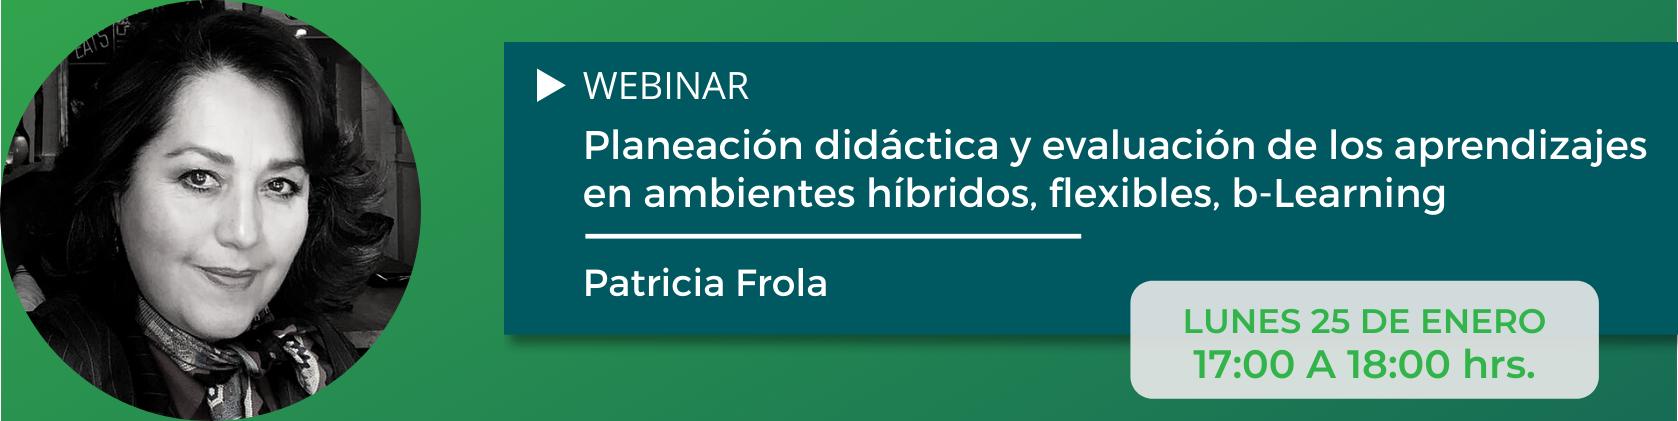 Webinar - Patricia Frola